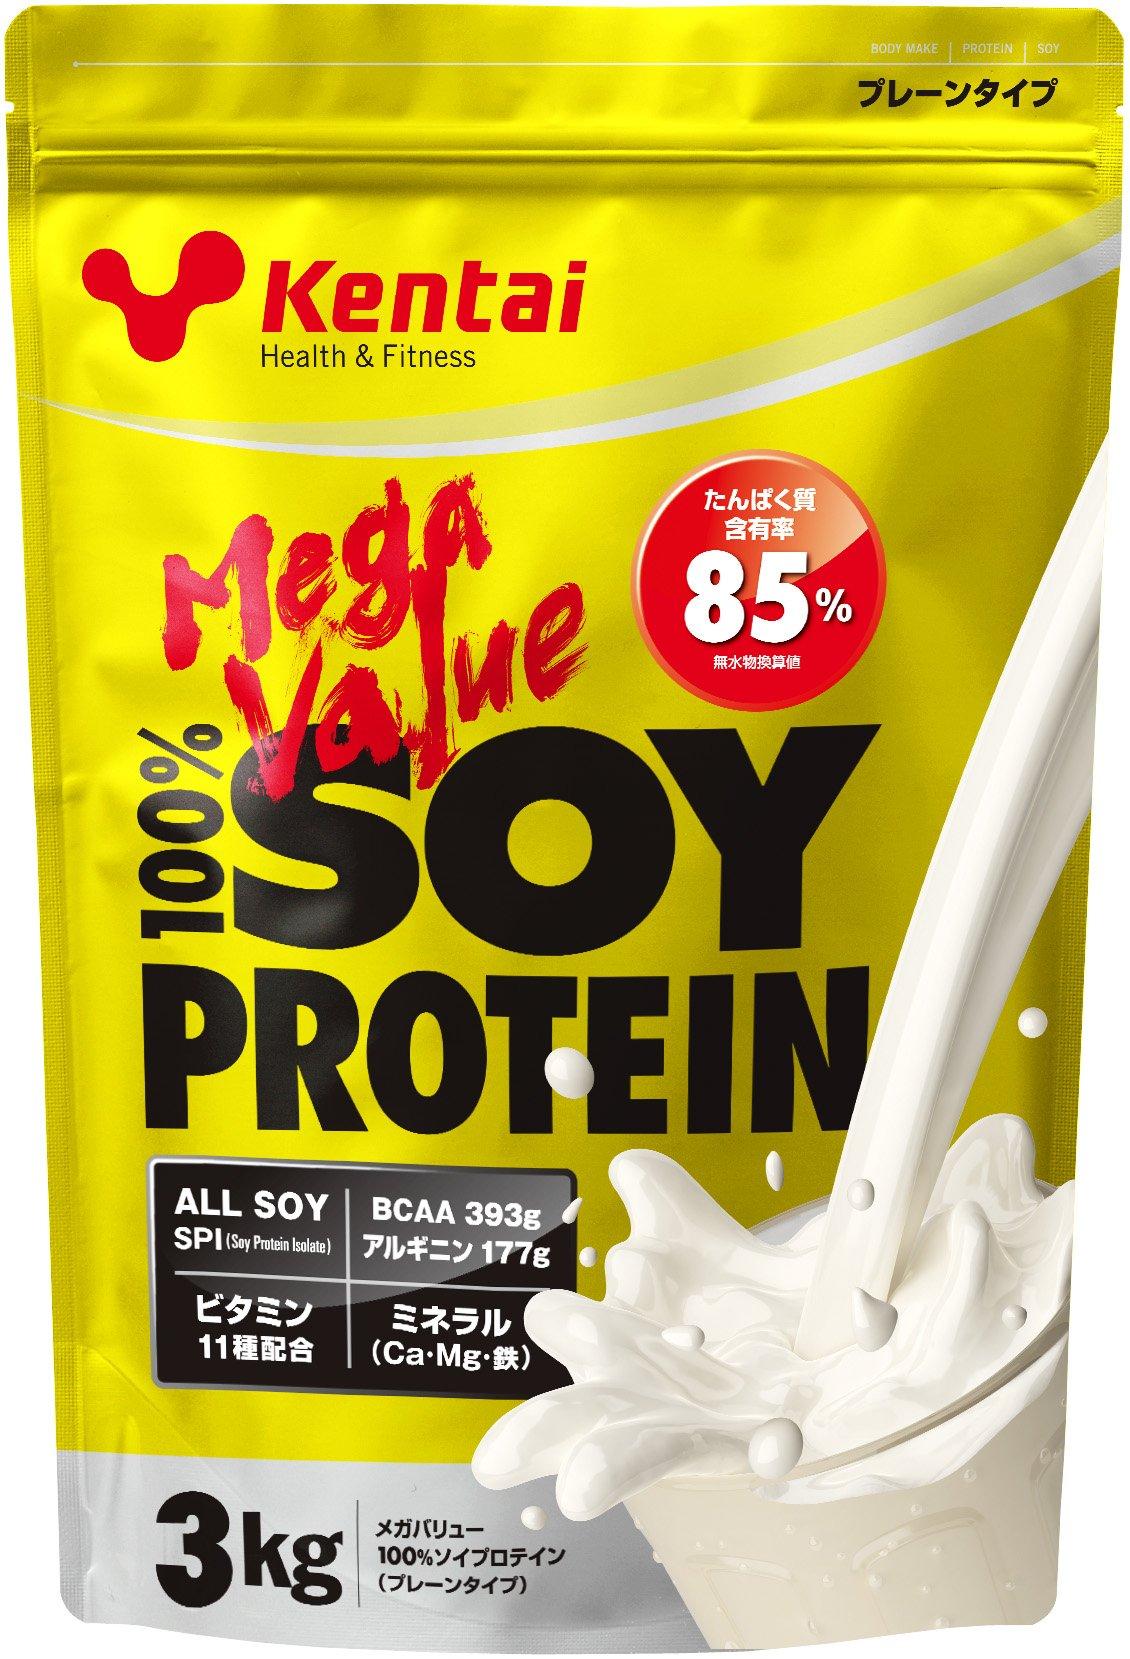 Kentai Mega Value Soy Protein Plane Type 3kg by Kentai (Image #1)